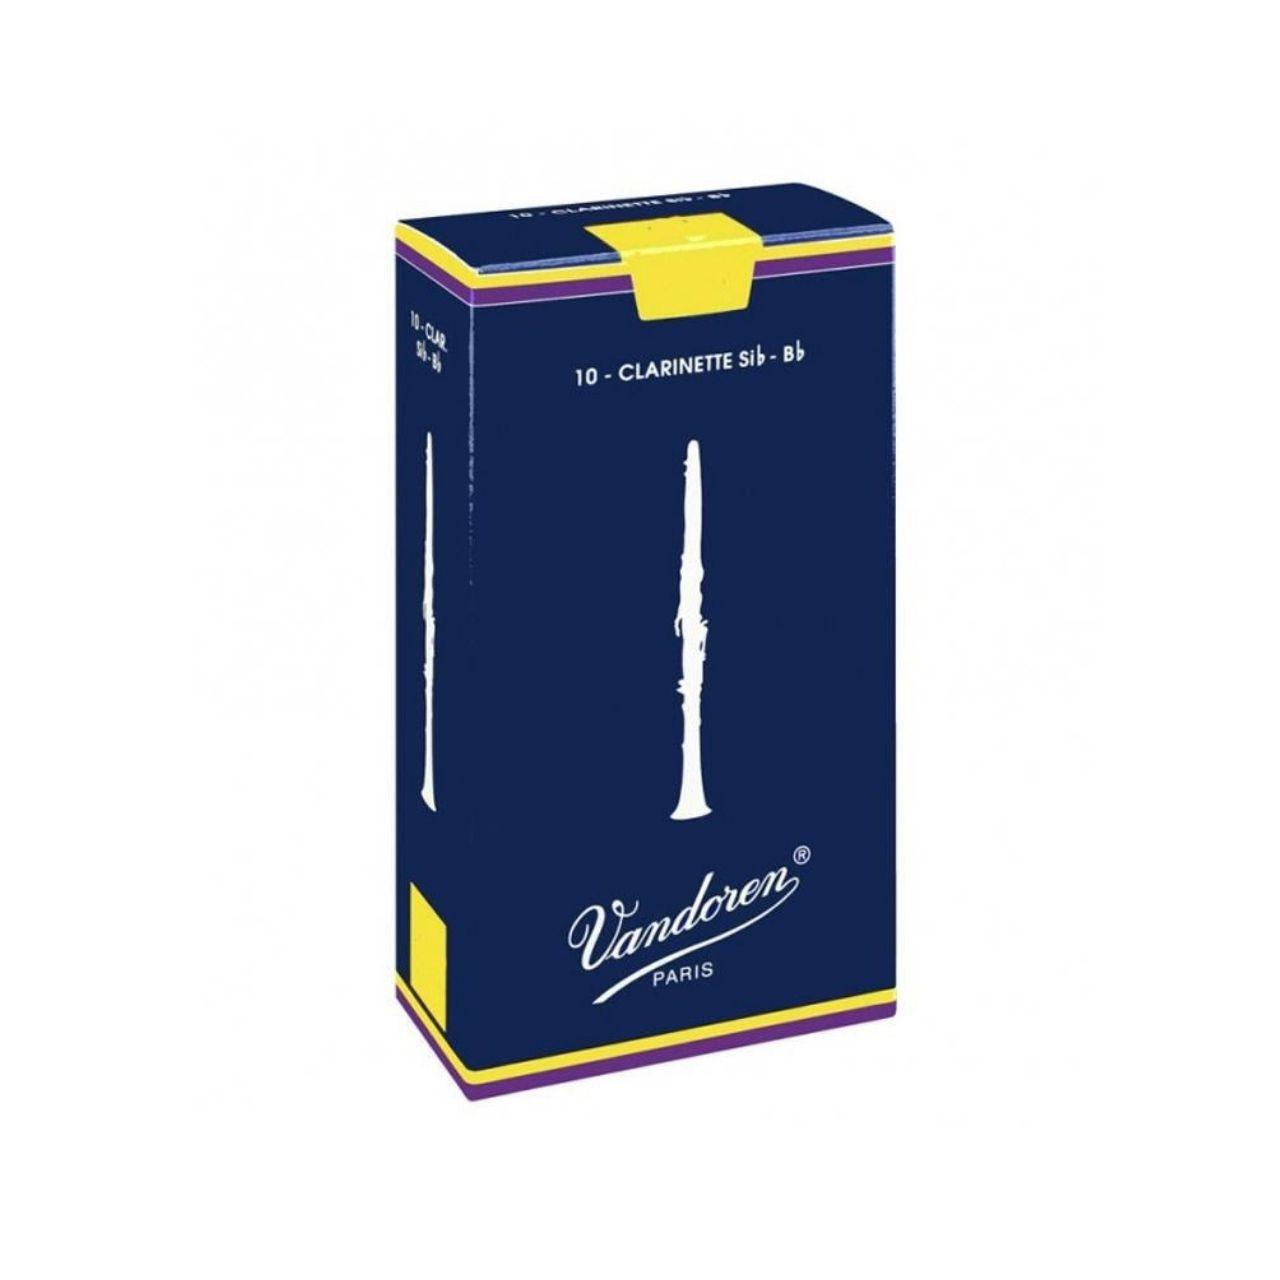 Palheta Tradicional 4 P/clarinete Sib Cx C/10 Cr104 Vandoren